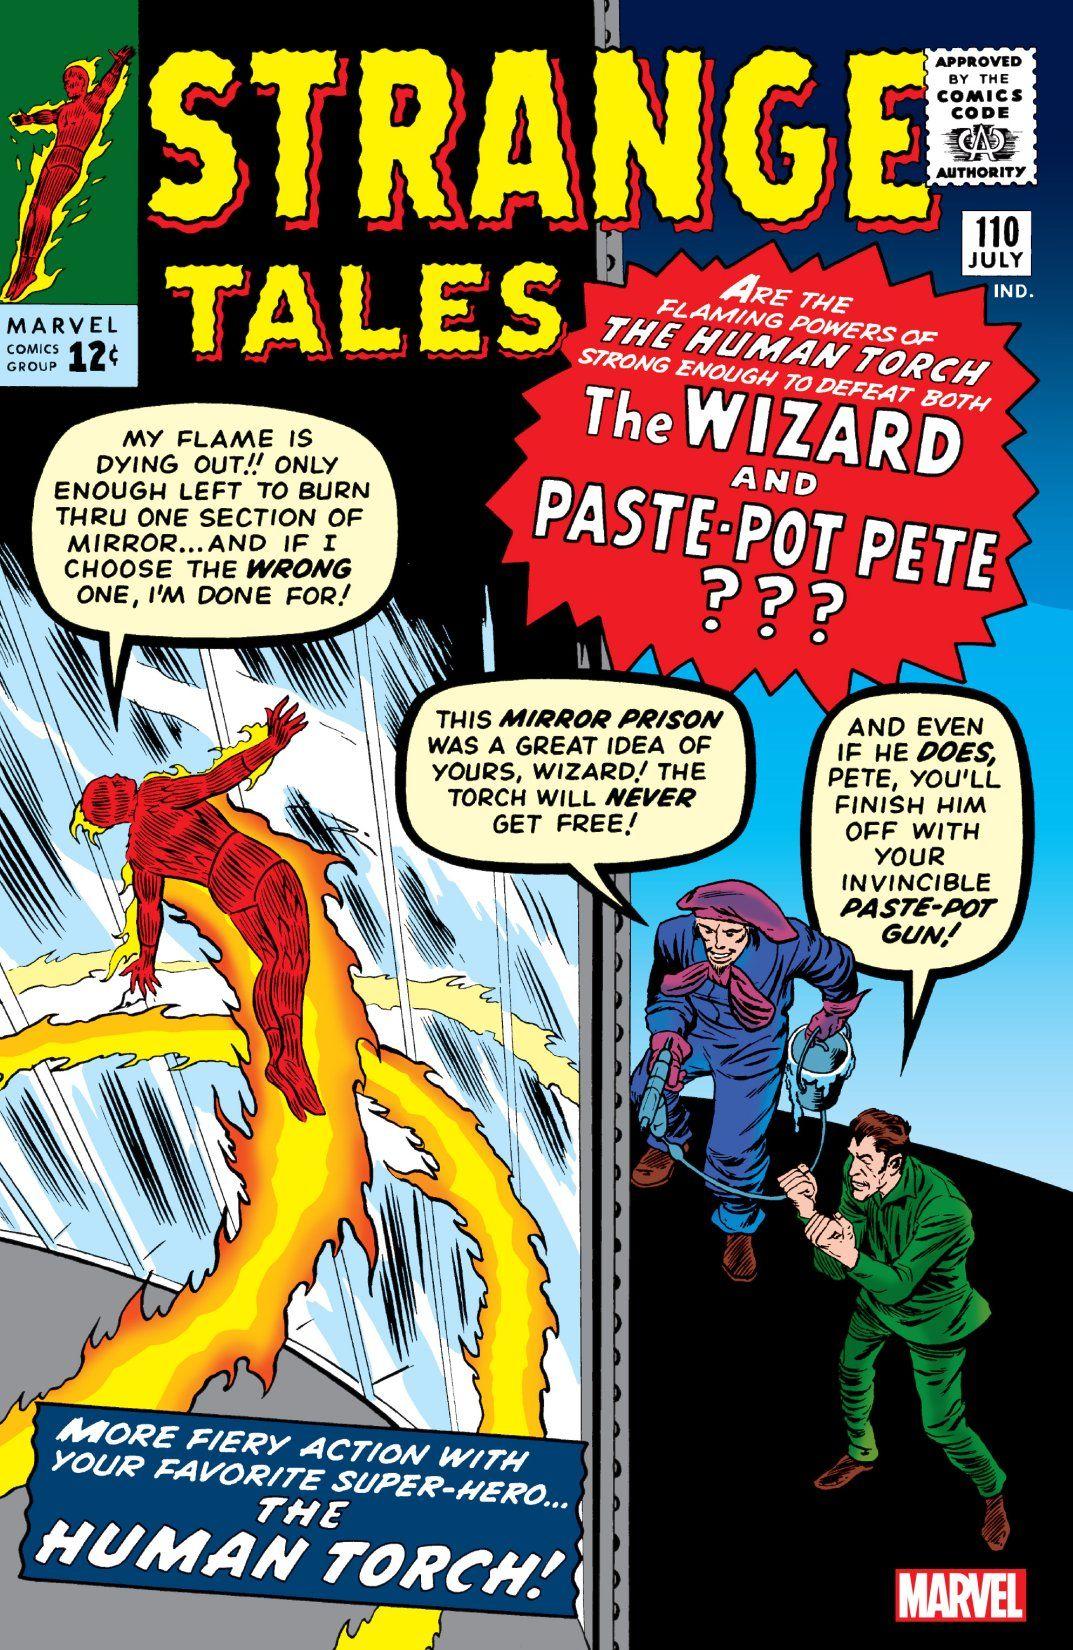 Image result for Strange Tales #110 (July 1963)